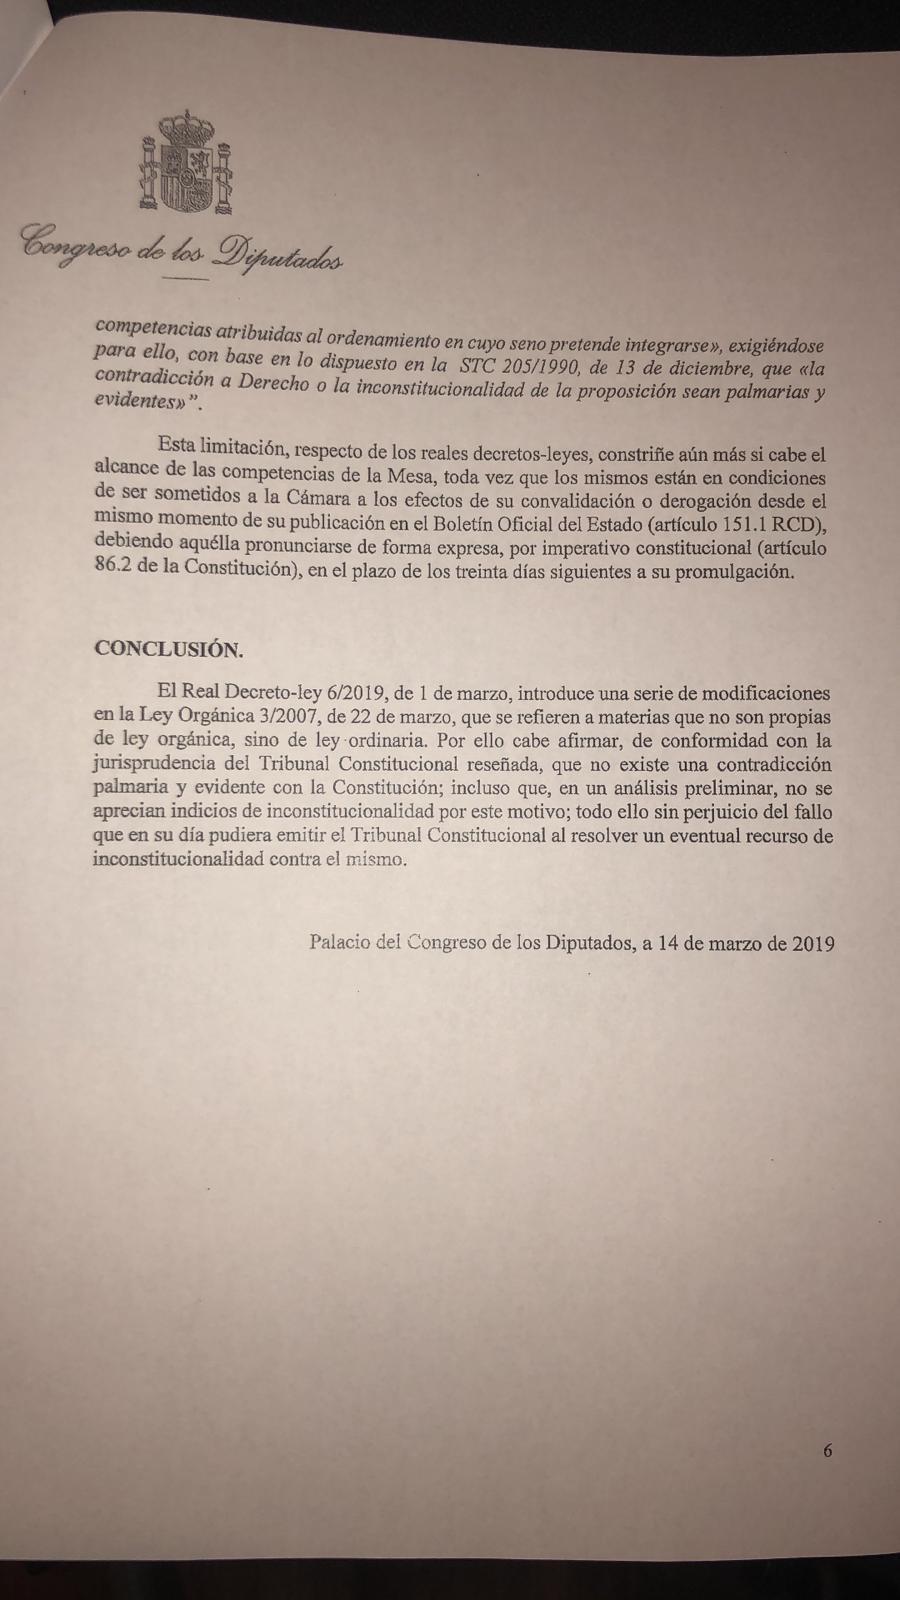 informe-letrados-6-140319.jpeg